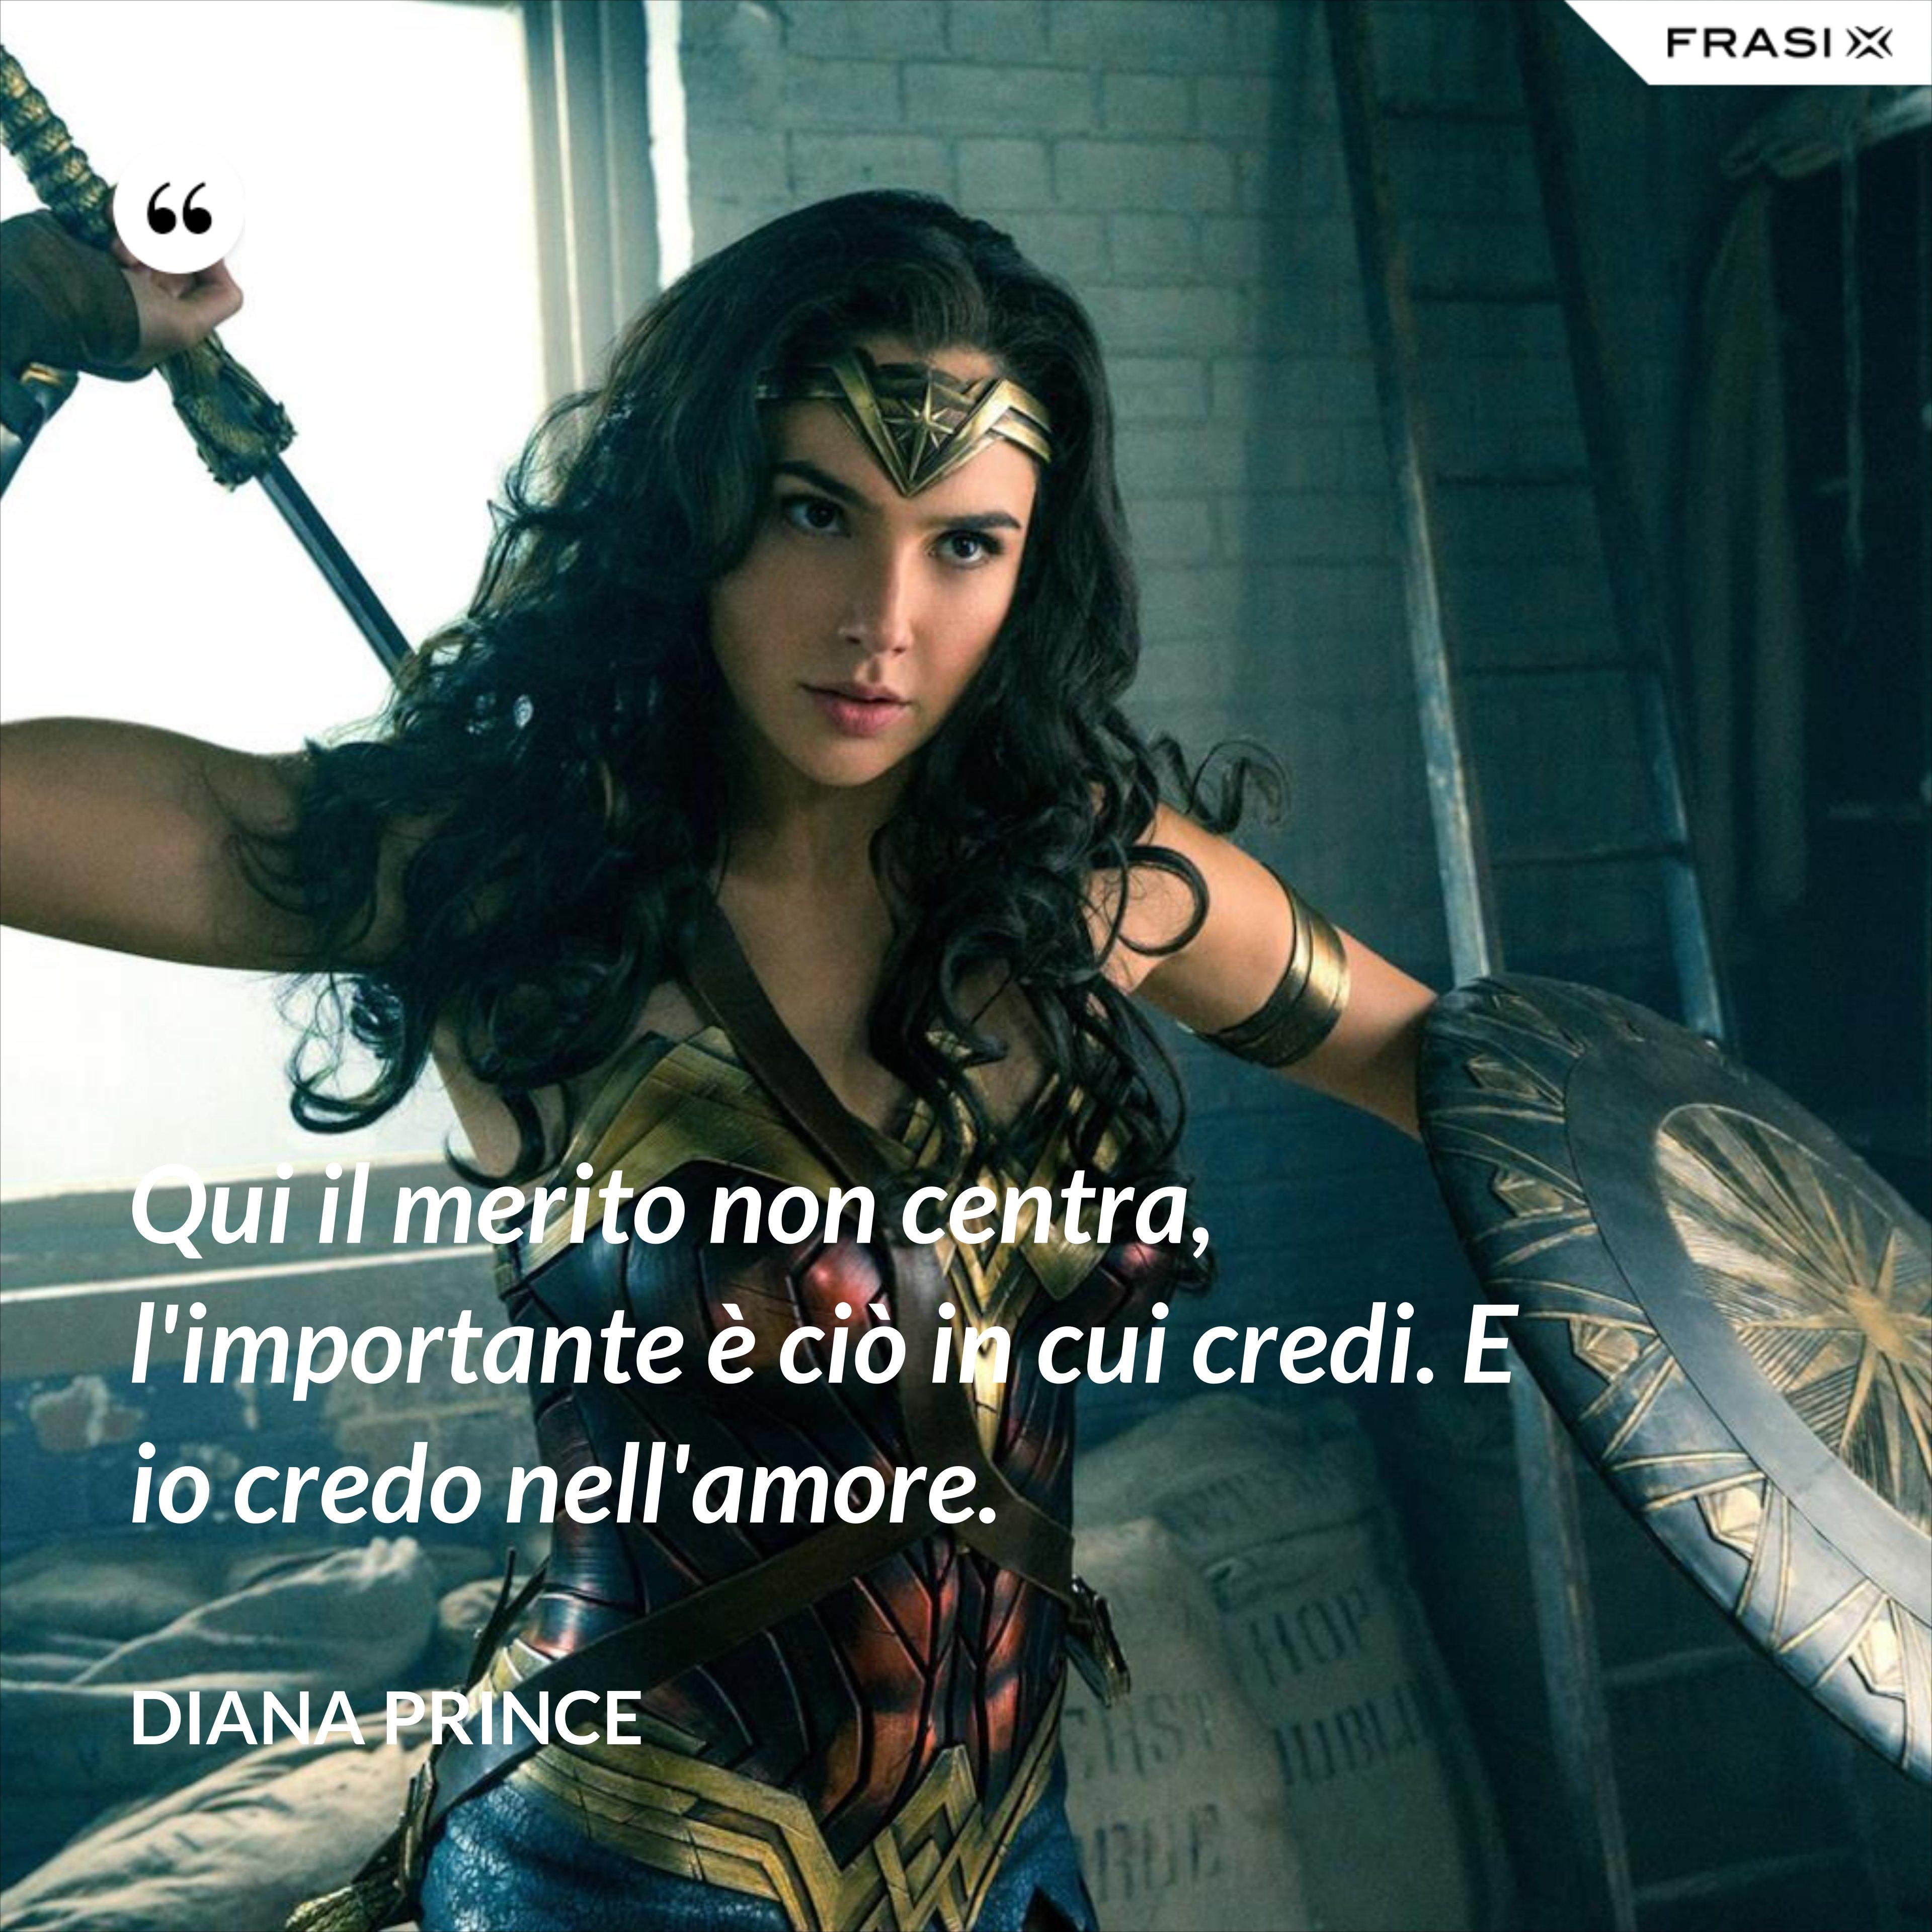 Qui il merito non centra, l'importante è ciò in cui credi. E io credo nell'amore. - Diana Prince